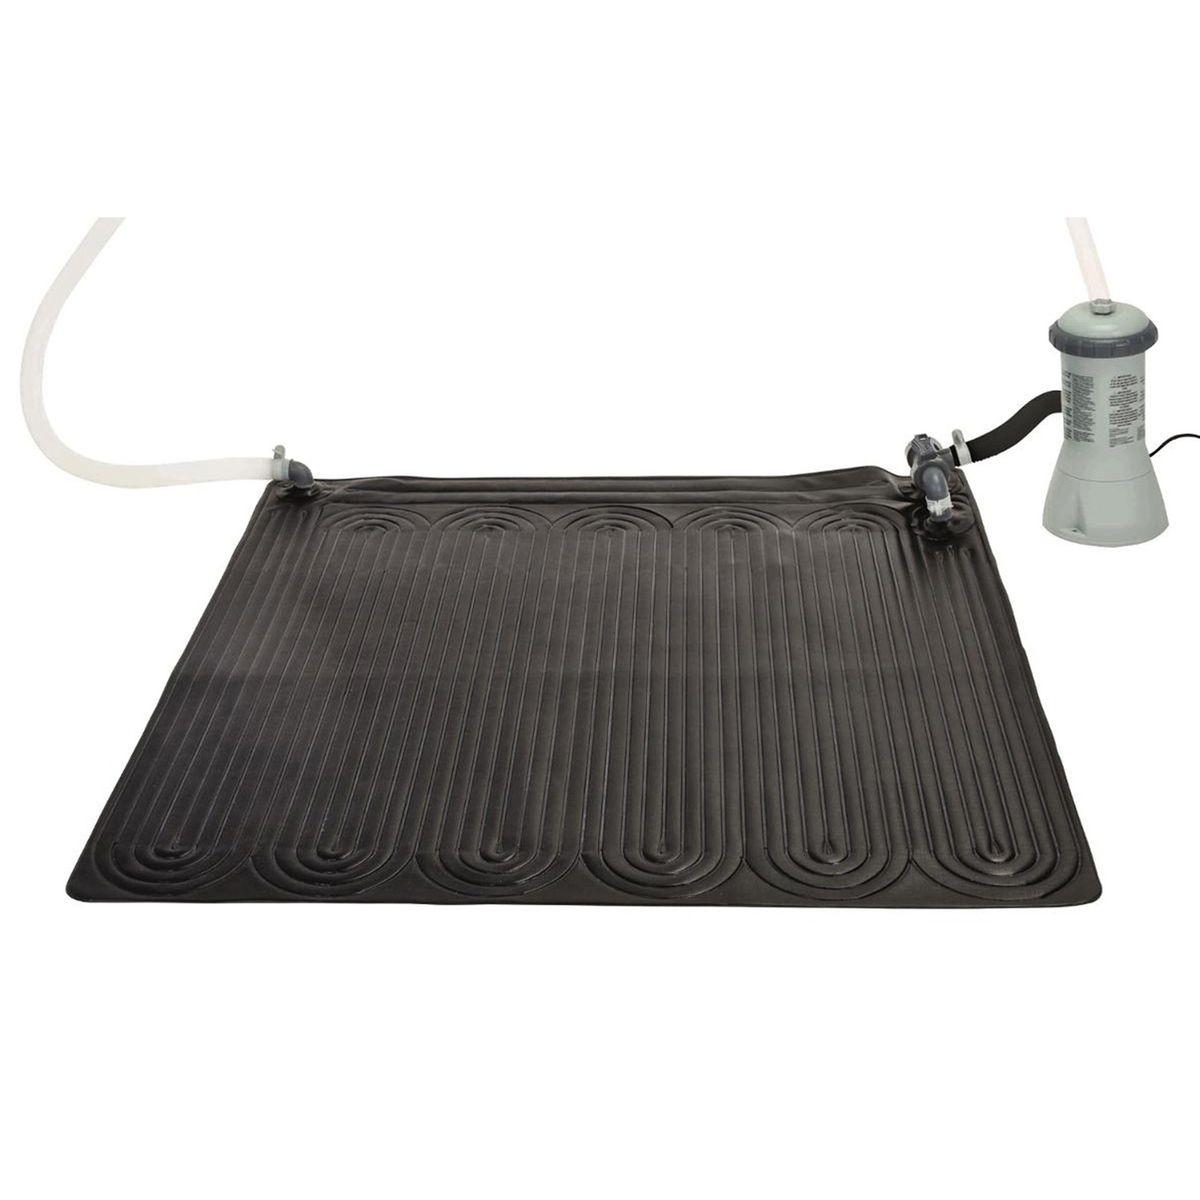 Tapis Solaire Pour Piscine - 120 X 120 Cm - Taille : Taille ... intérieur Bache Chauffante Piscine Intex